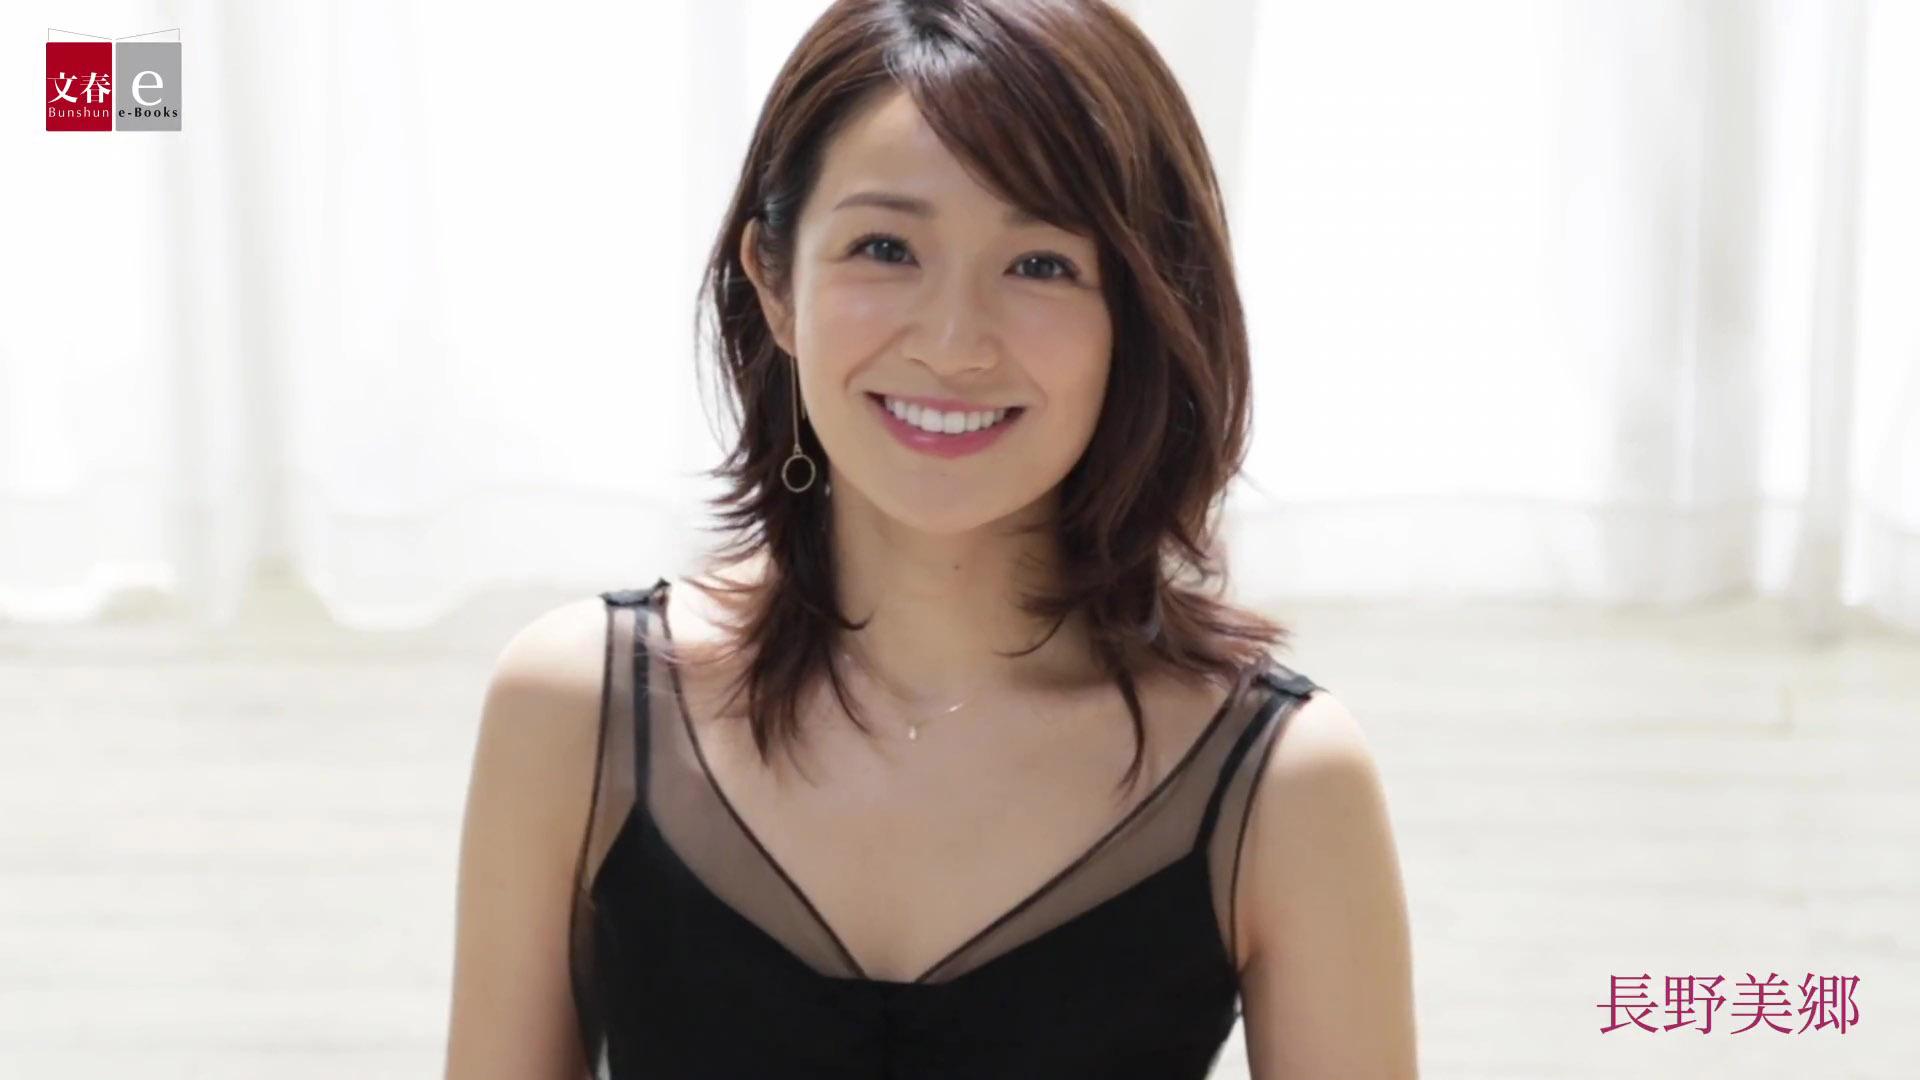 笛吹雅子 アイコラ 女子小学生 笑顔 エロ動画を見つけよう!お姉さん動画発見クラブ - DTIブログ